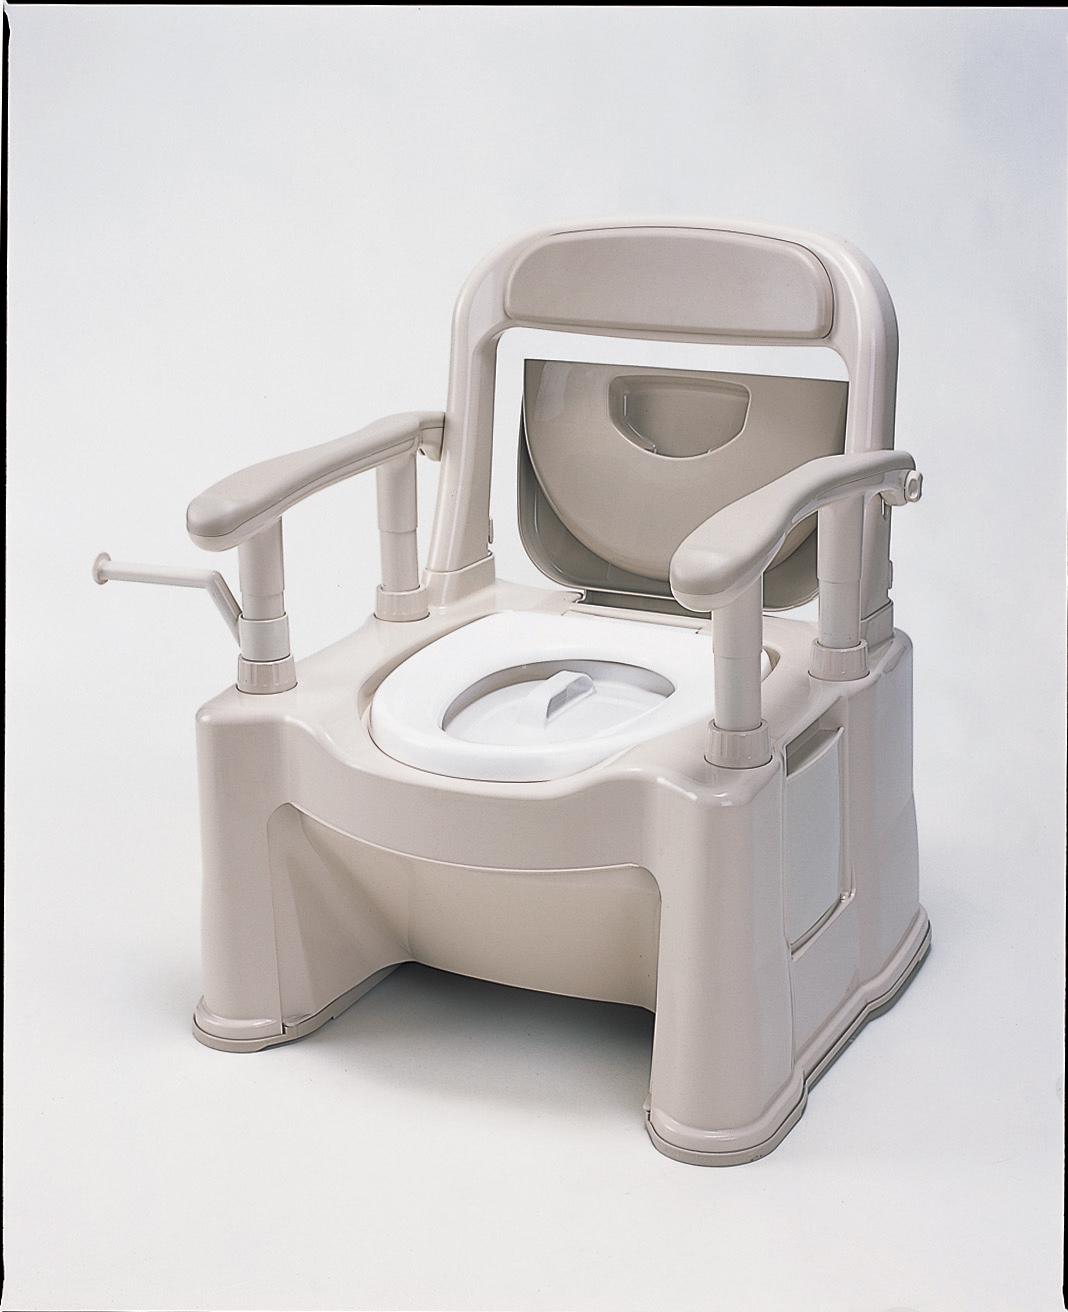 ポータブルトイレ<座楽> 背もたれ型SP (ソフト便座・便フタタイプ)